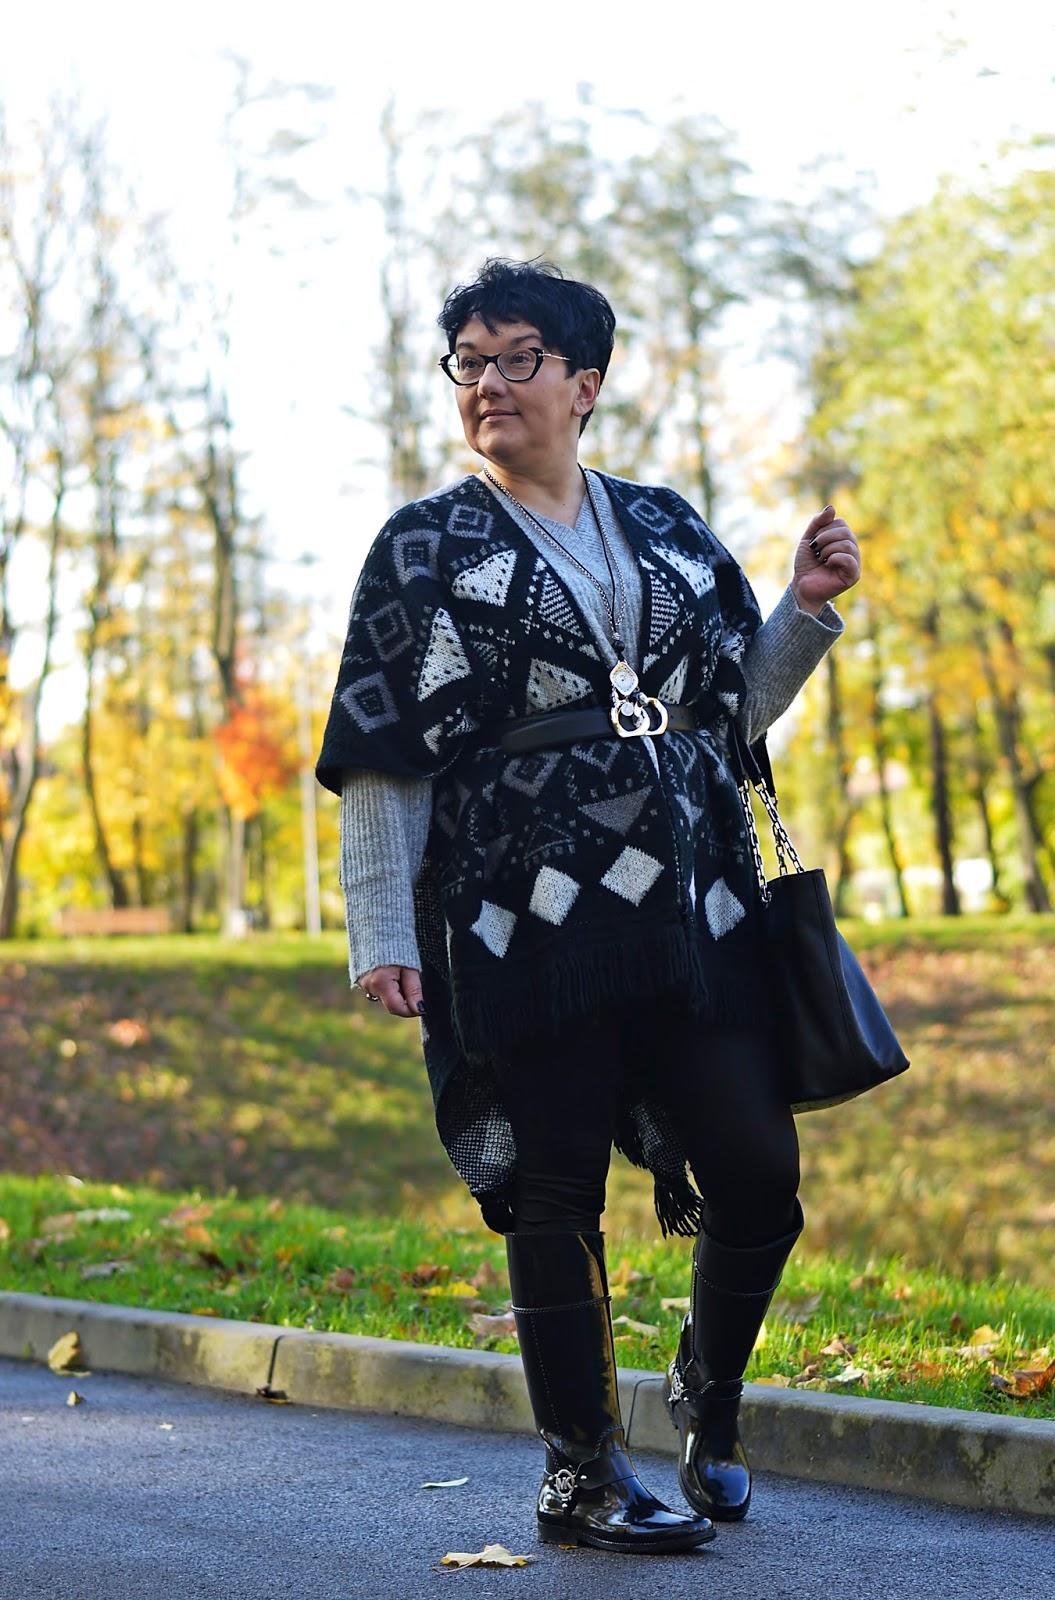 Stylizacja na jesien, ponczo z frędzlami, kalosze